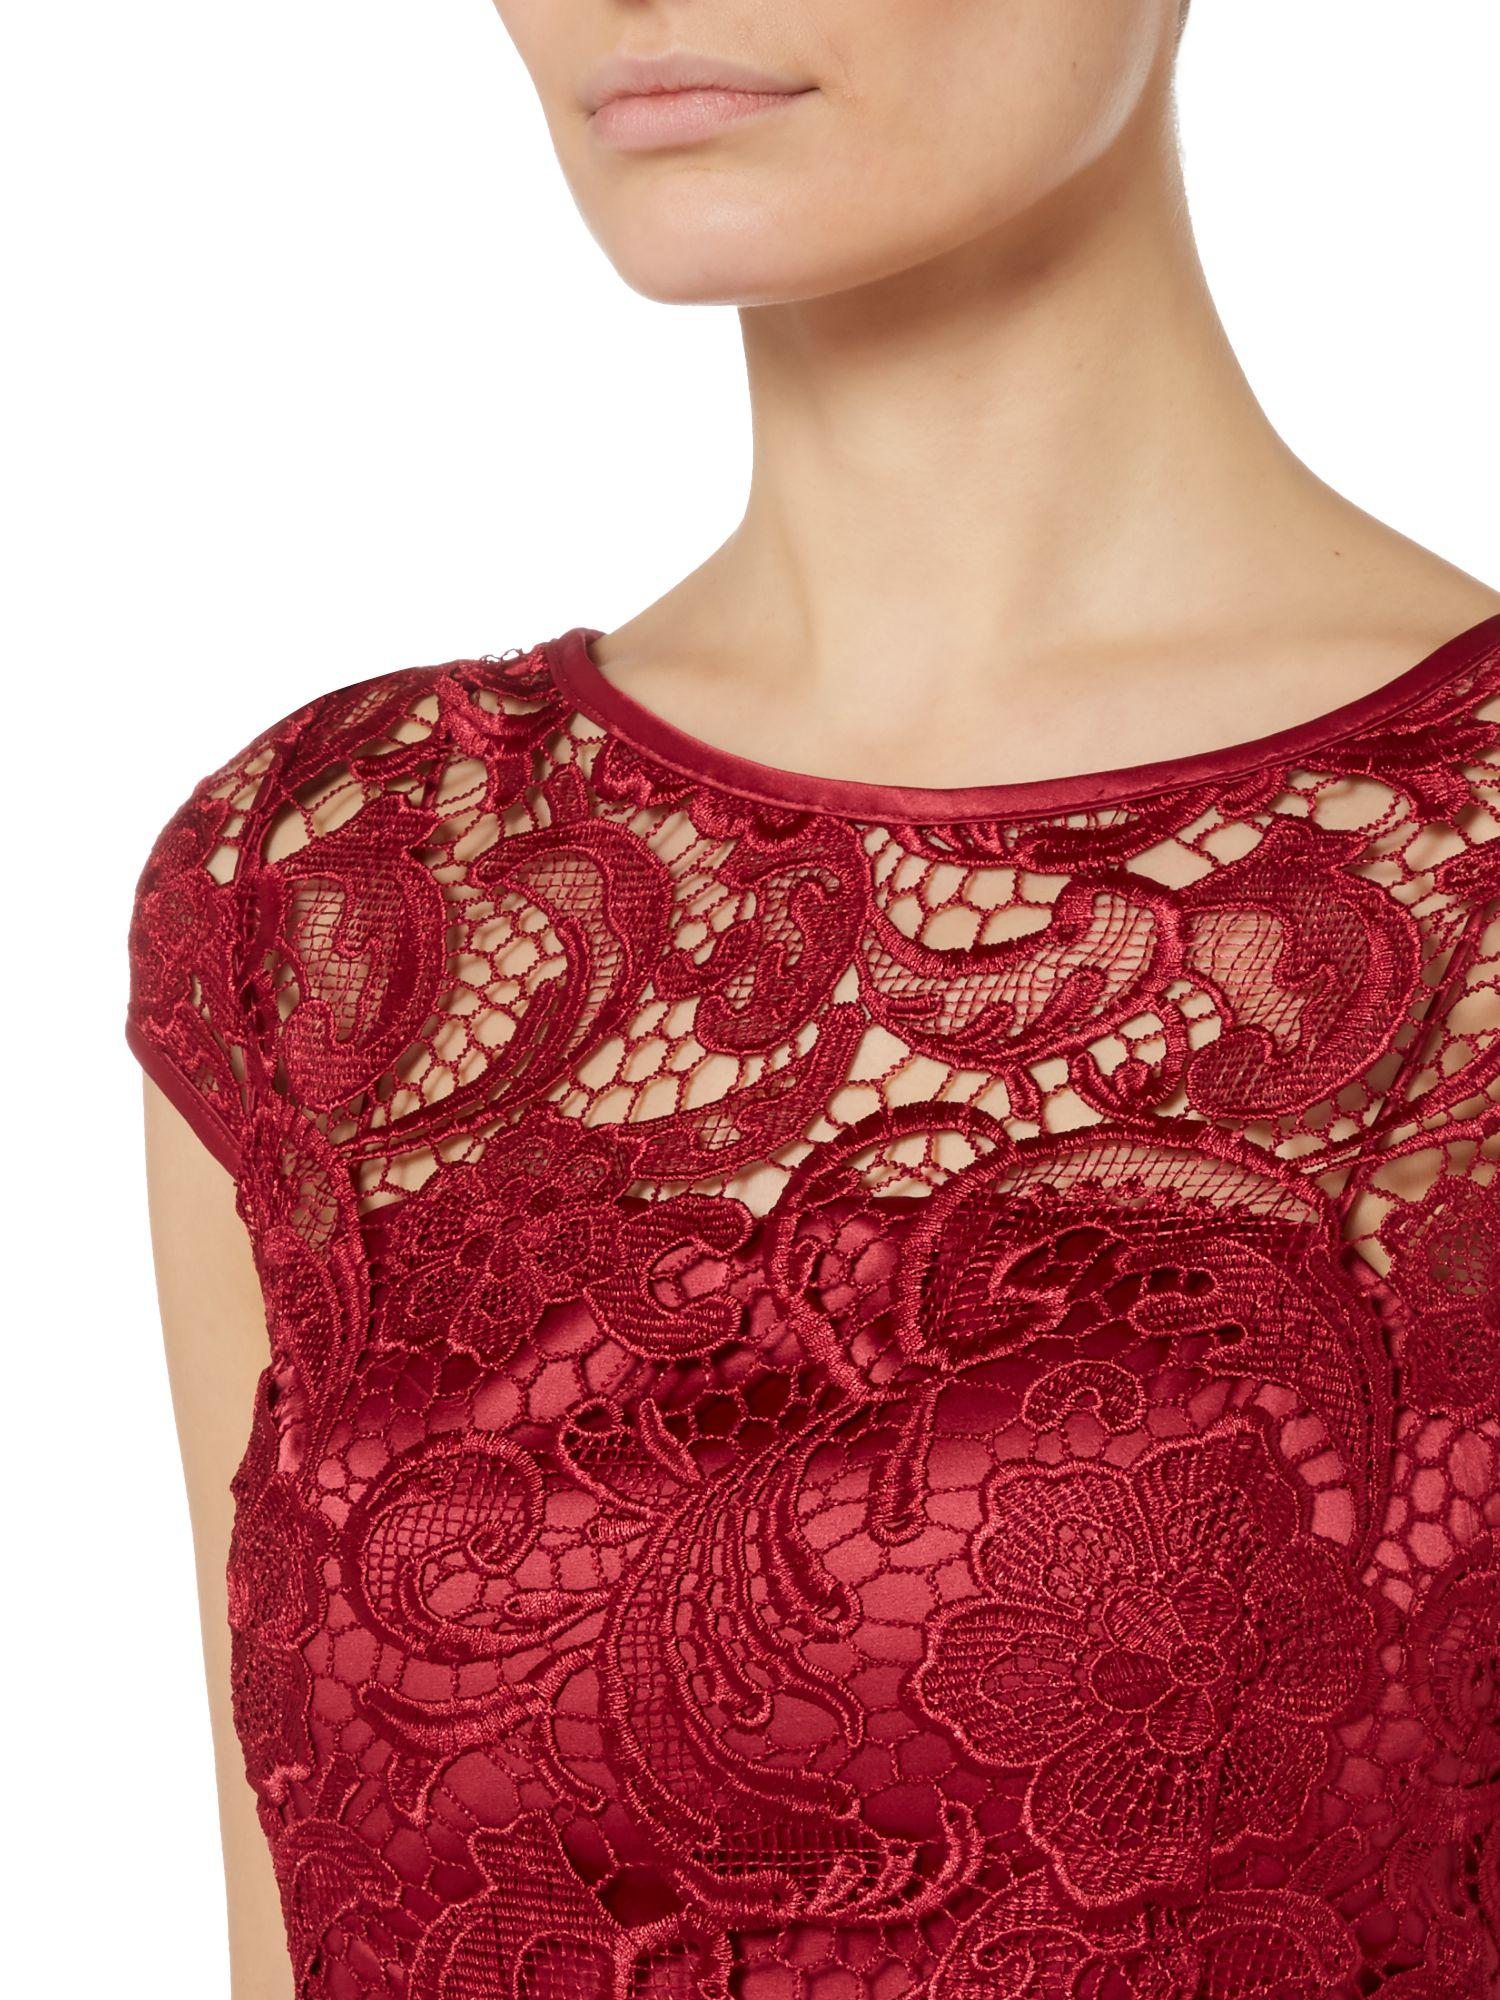 ladies's dresses xxl